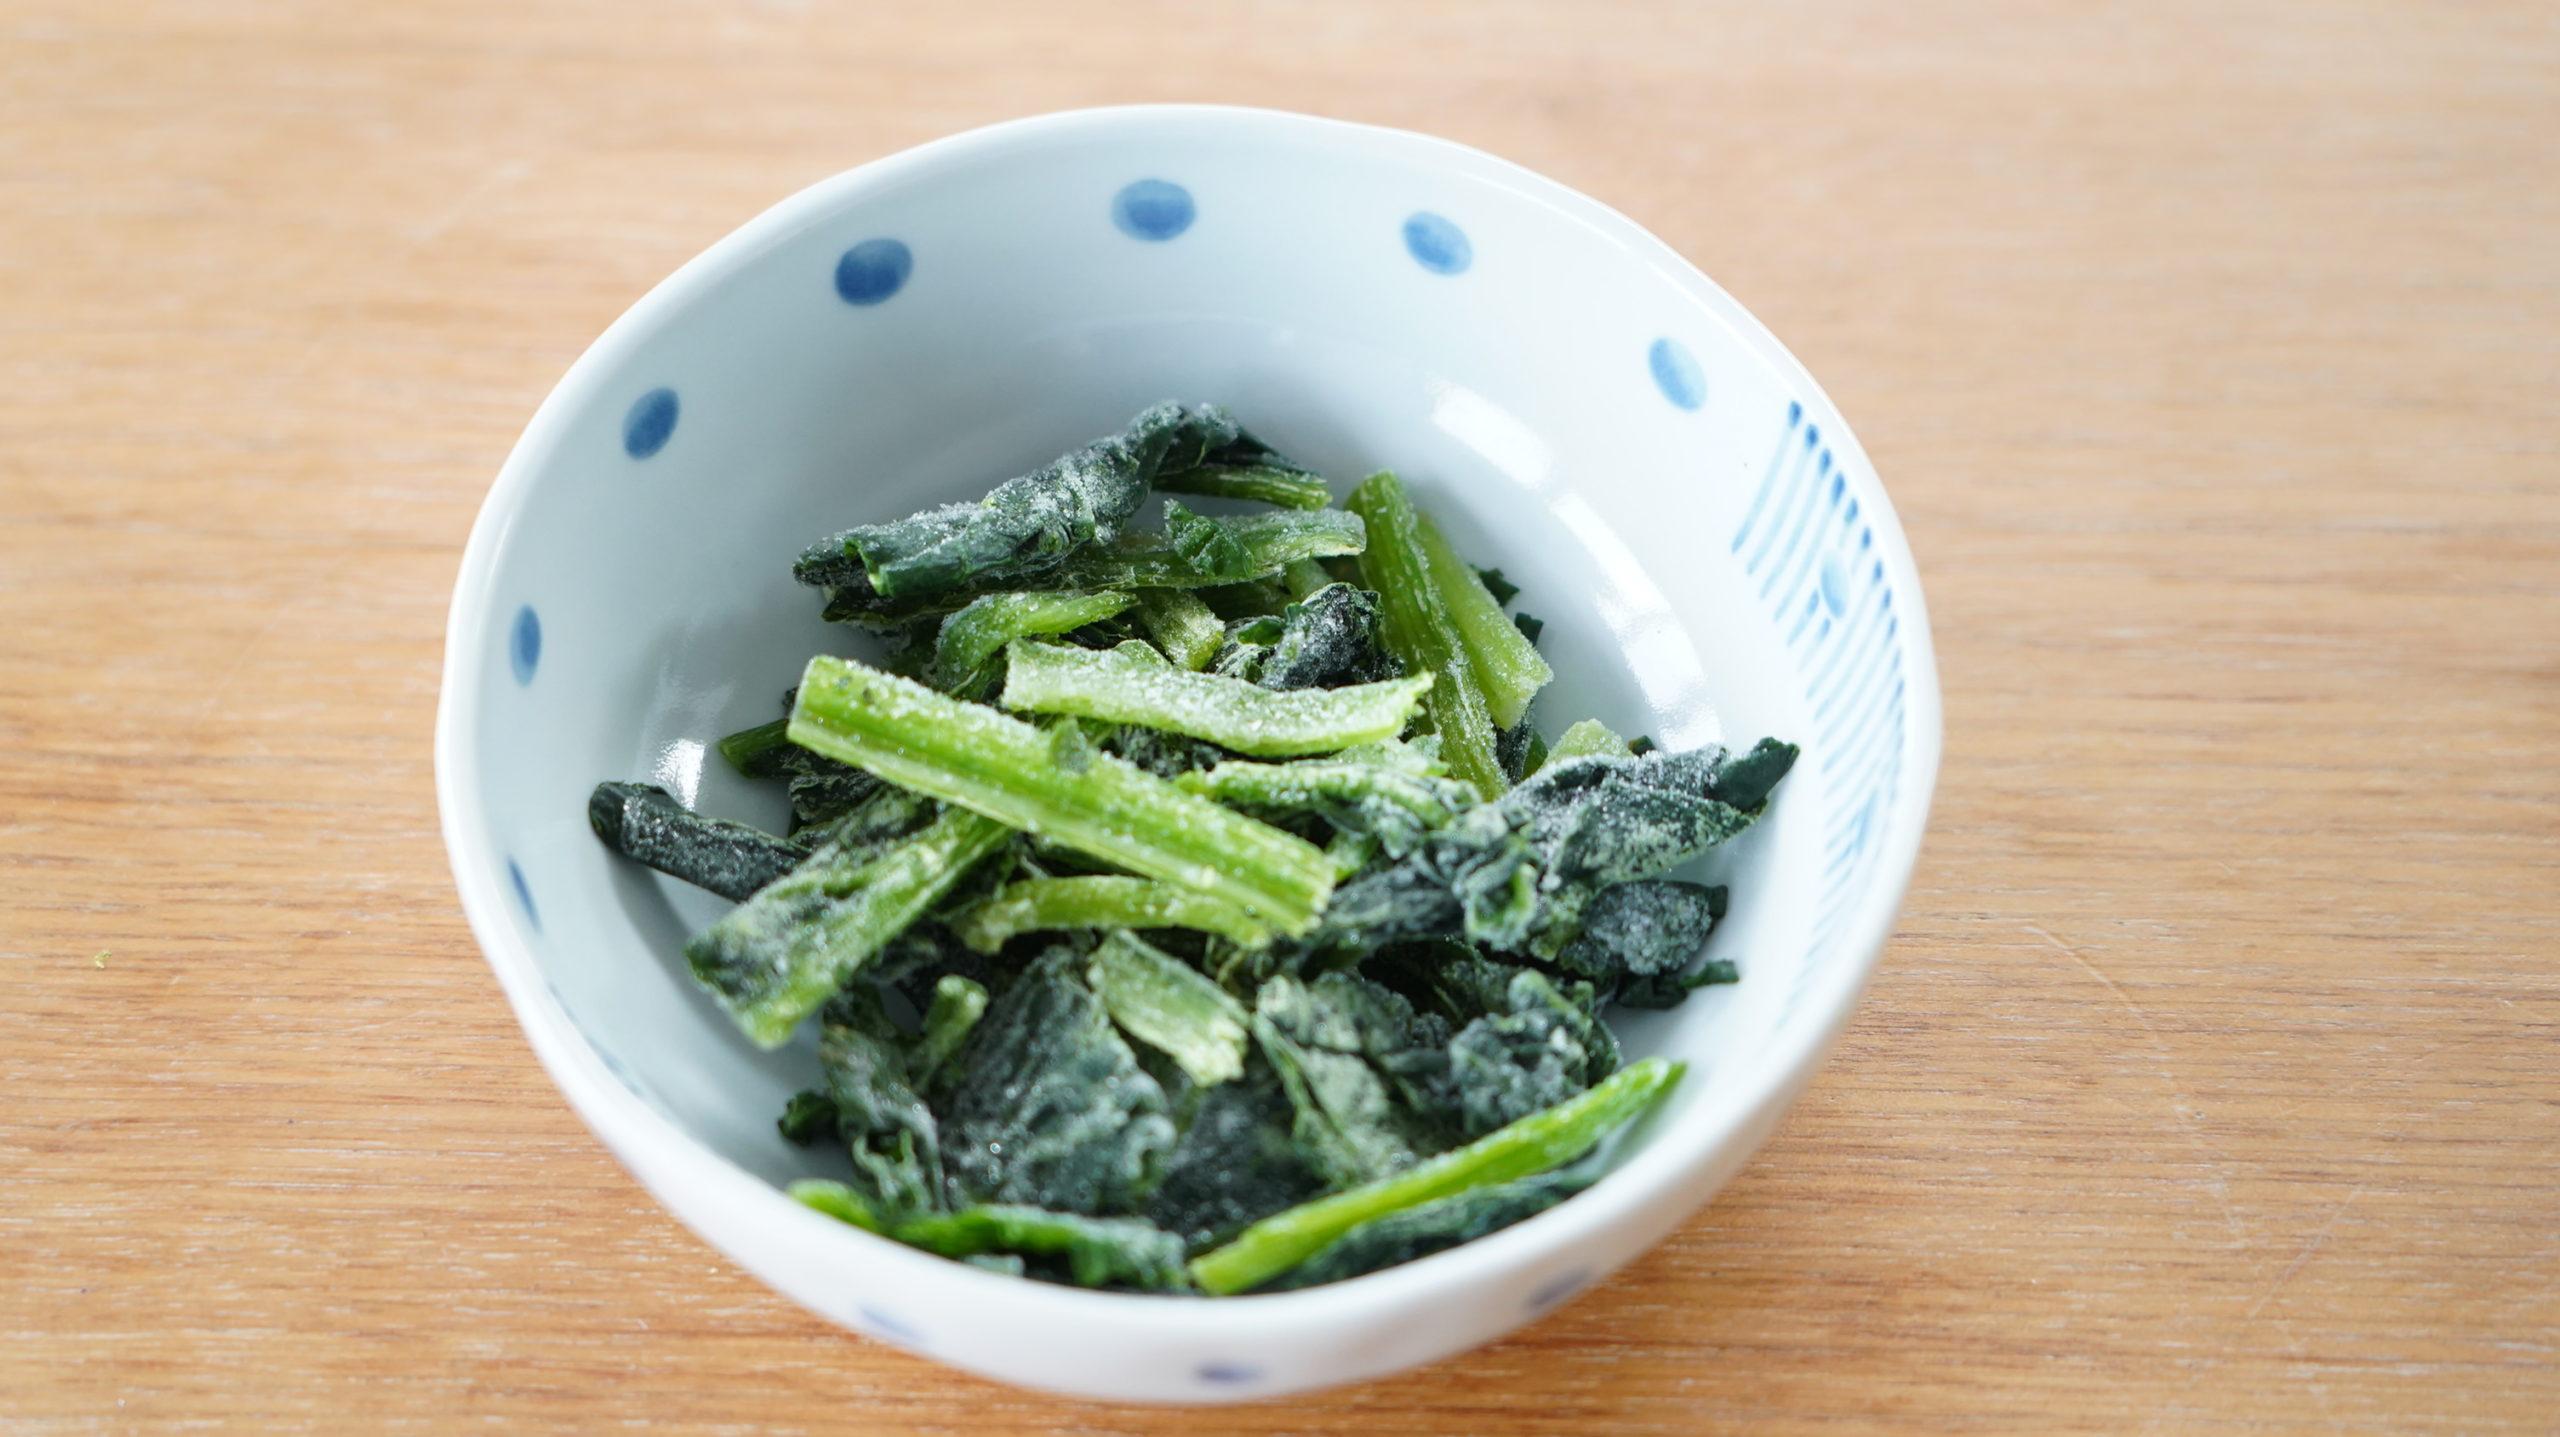 セブンイレブンのおすすめ冷凍食品「カットほうれん草」の中身の写真